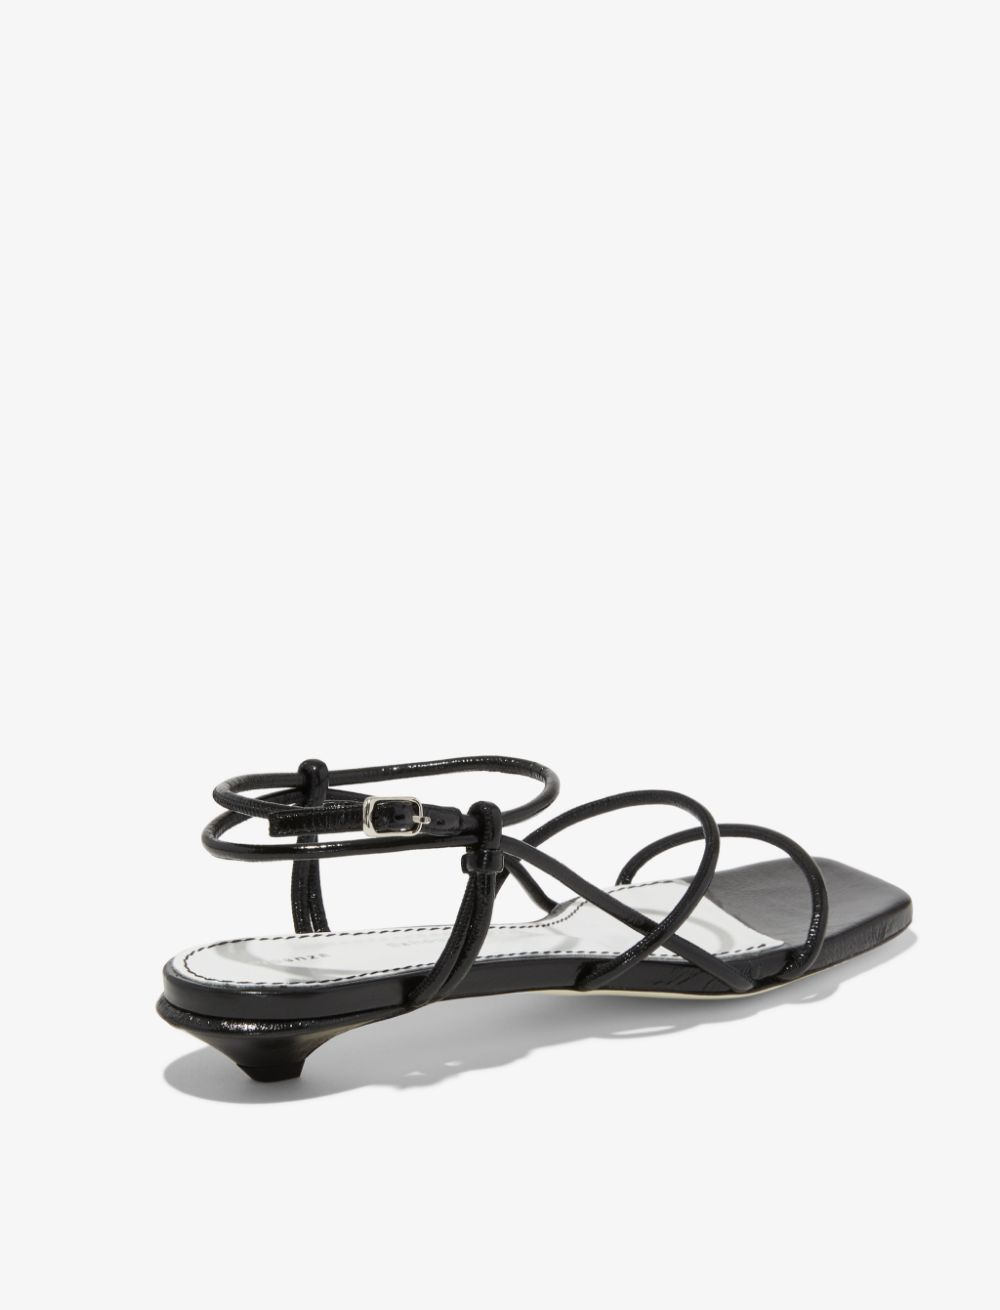 999 Black Strappy Low Kitten Heel Sandals From Proenza Schouler